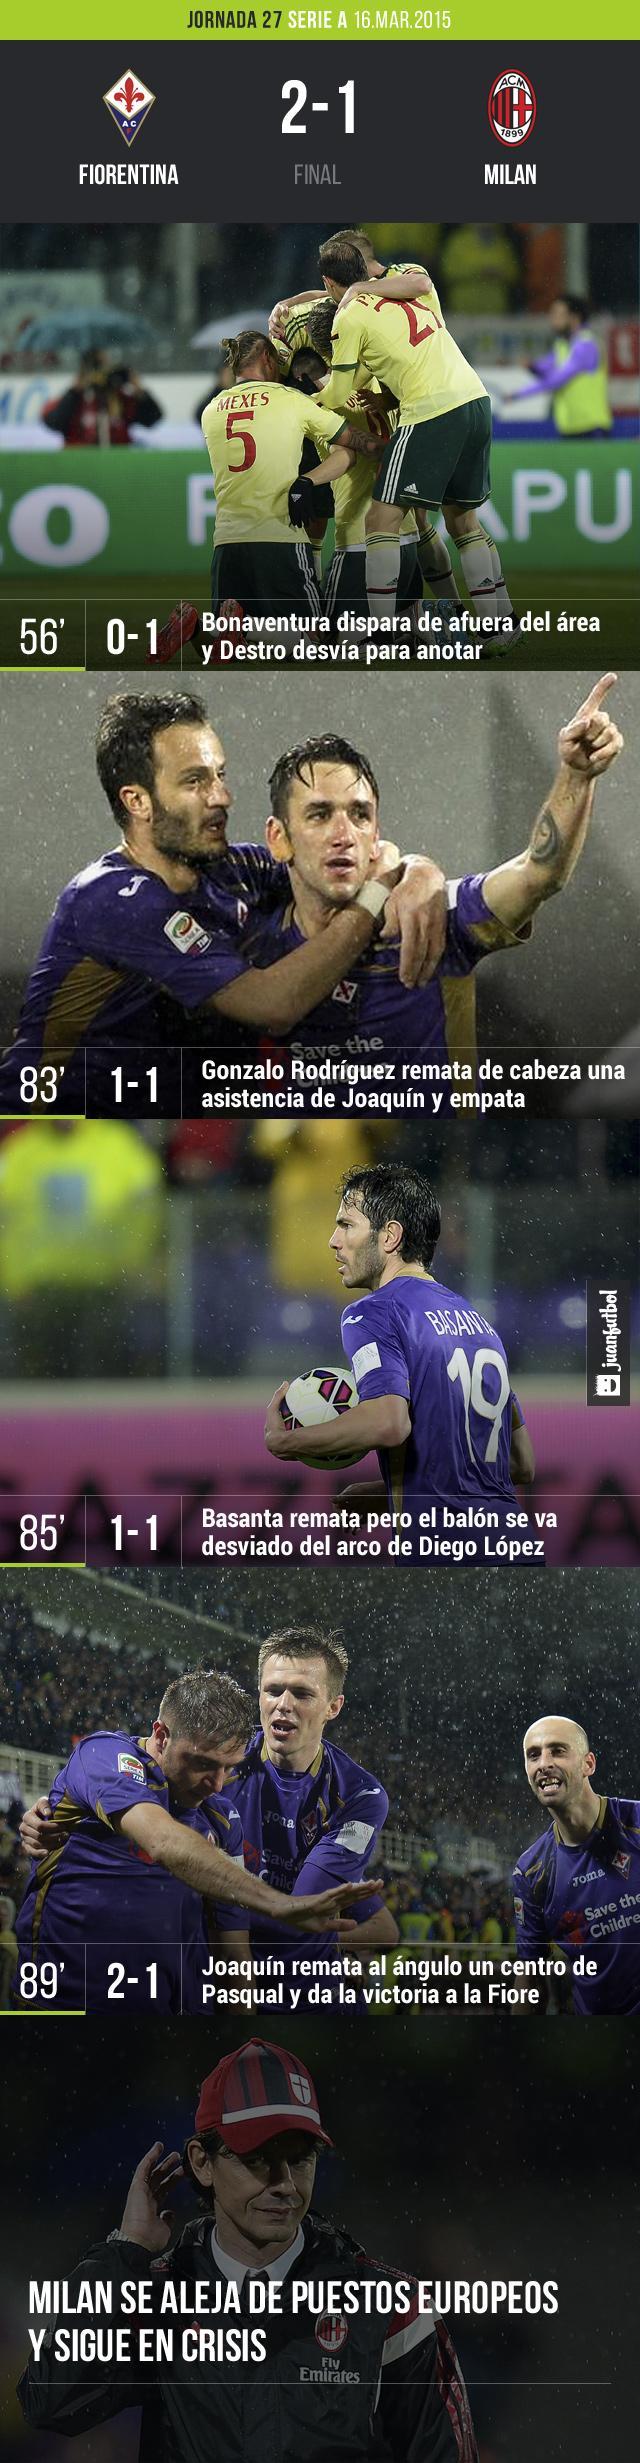 Fiorentina vence en casa al Milan en los últimos minutos por 2-1.